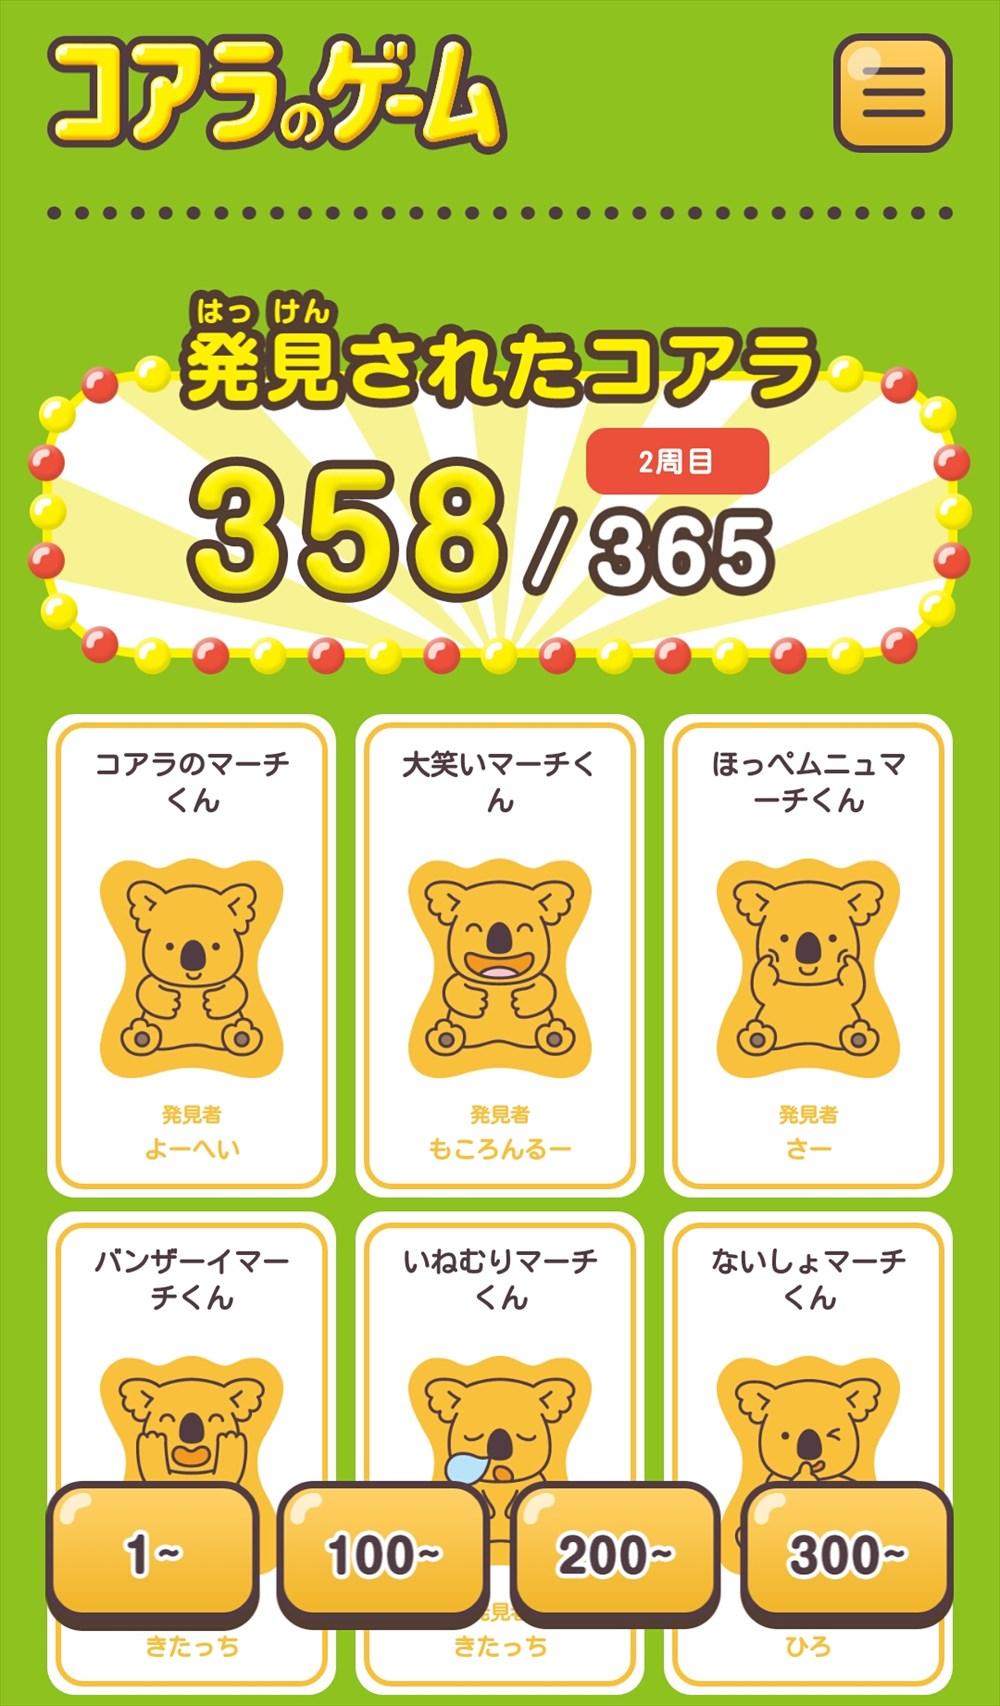 コアラのマーチが出したコアラのゲームを使って365個コンプリートしてみた